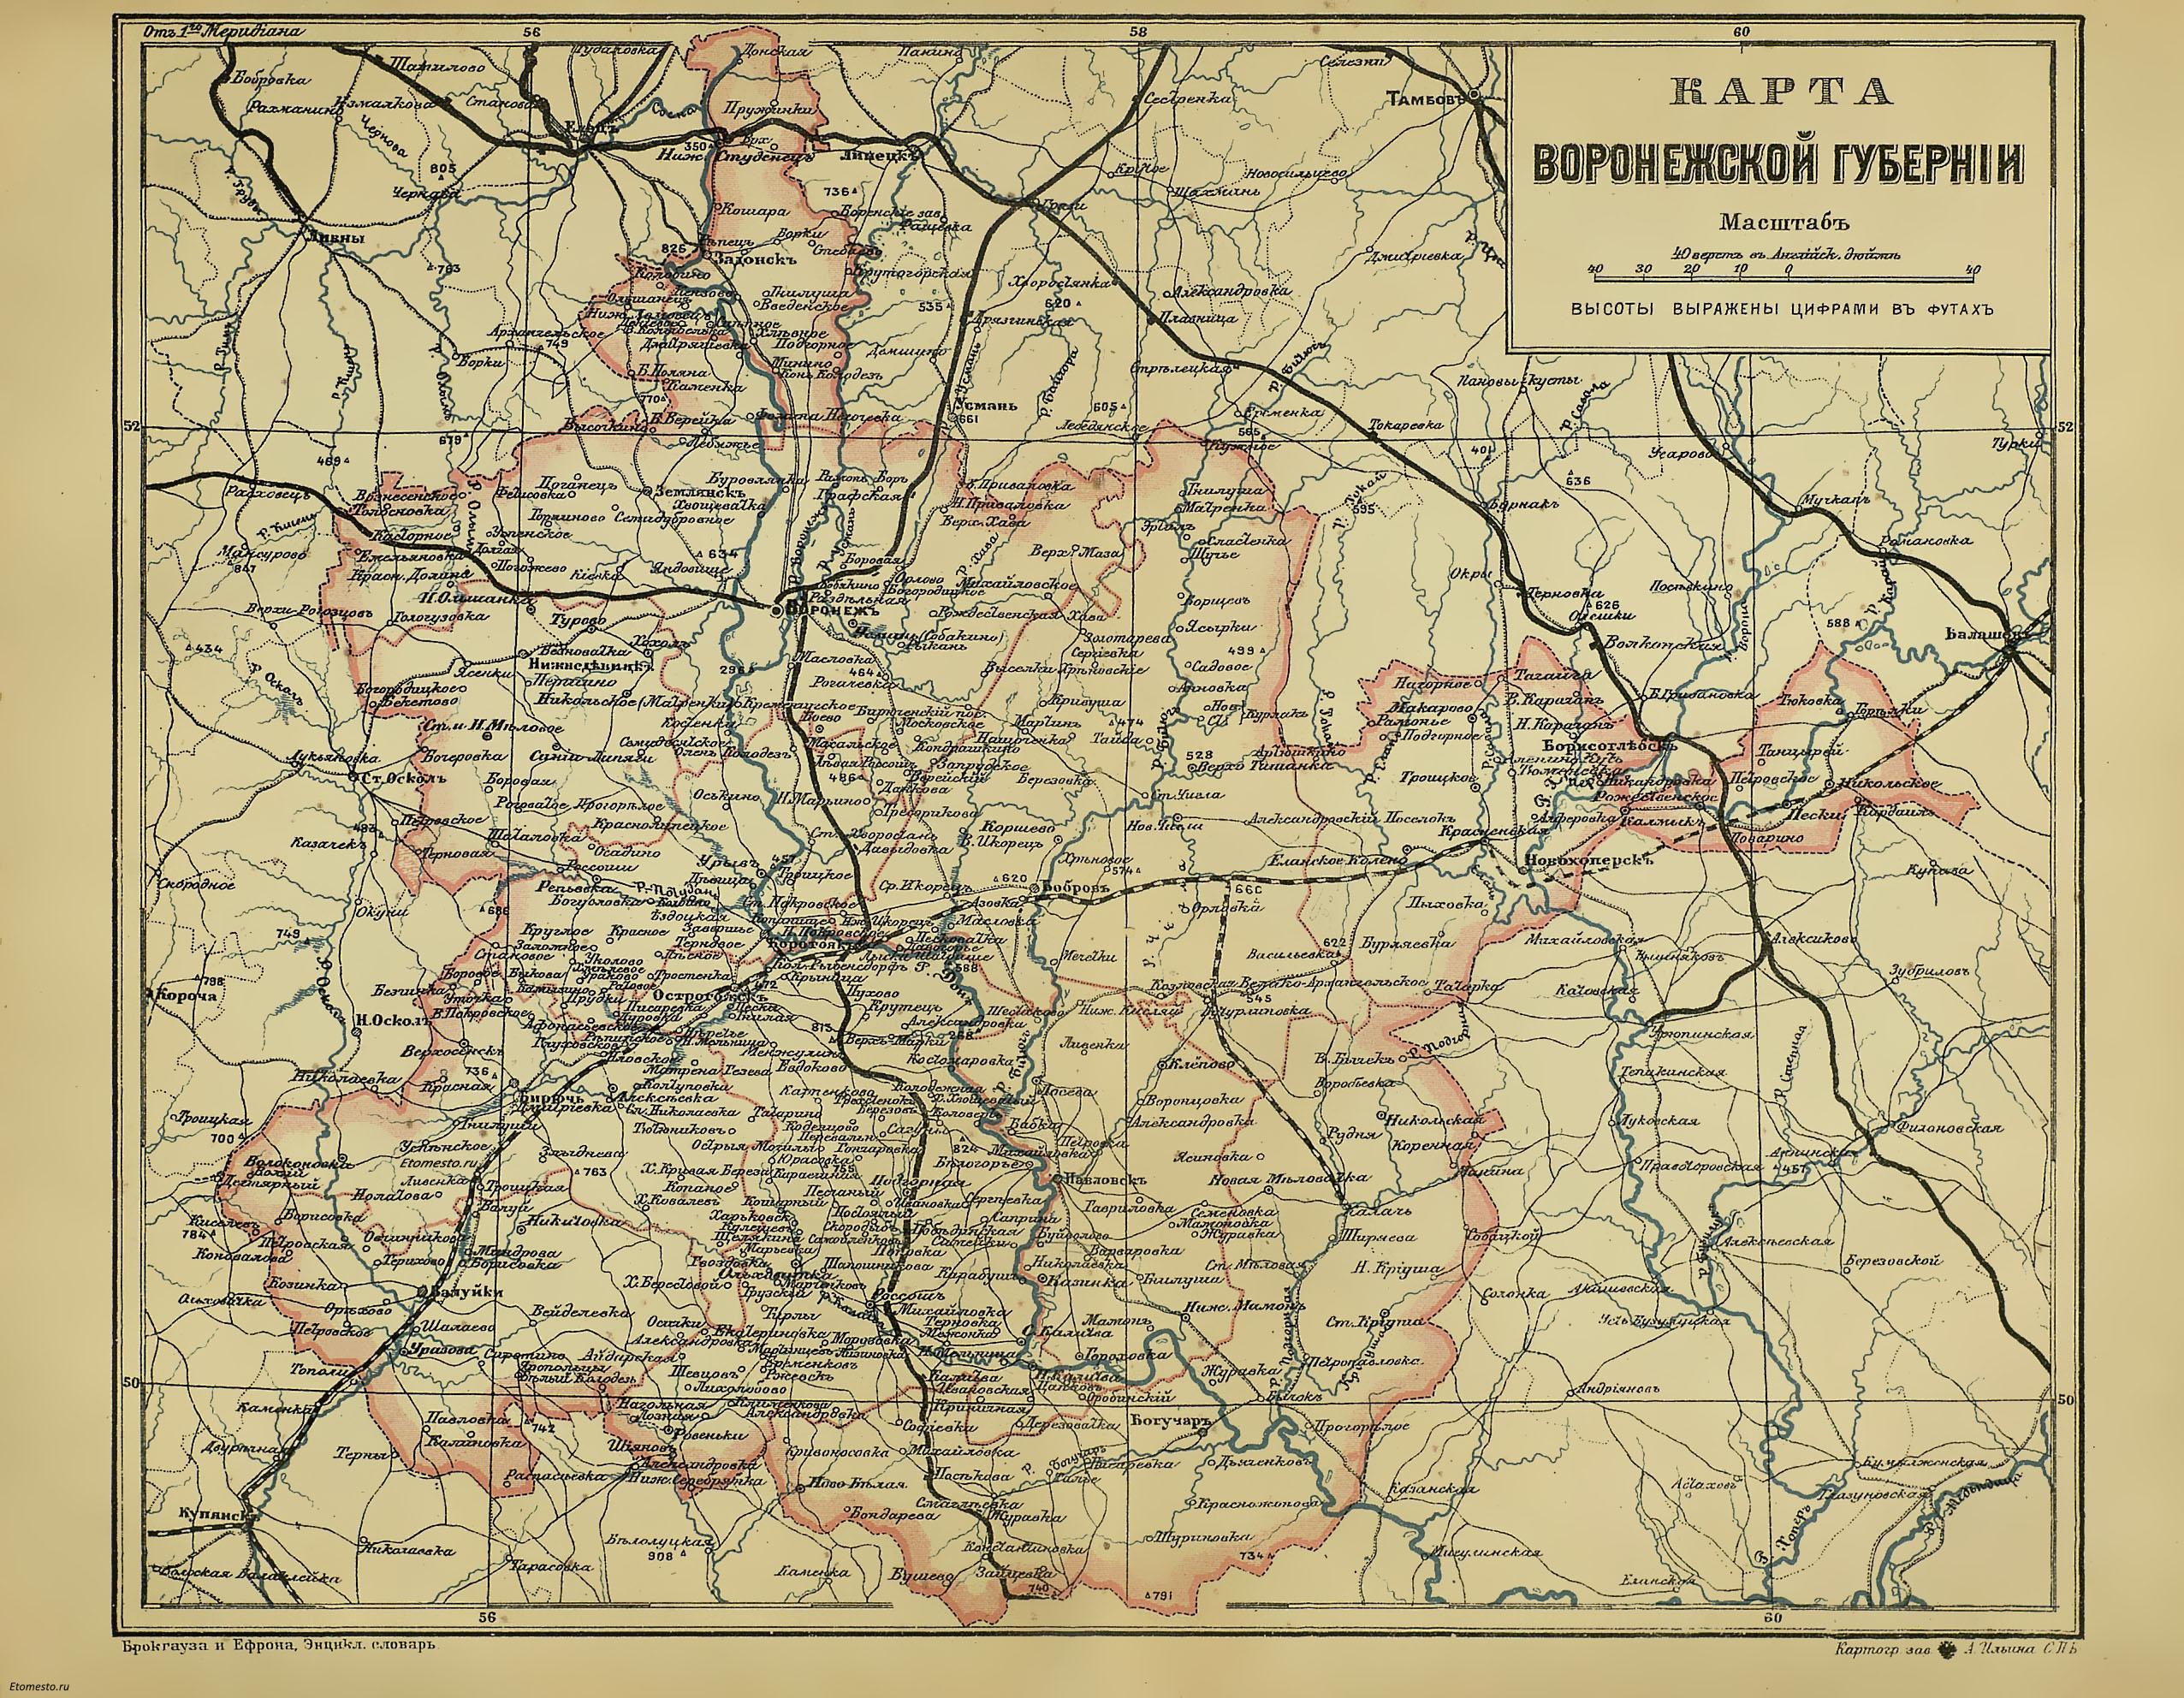 Воронежская губерния на карте брокгауза и ефрона скачать.